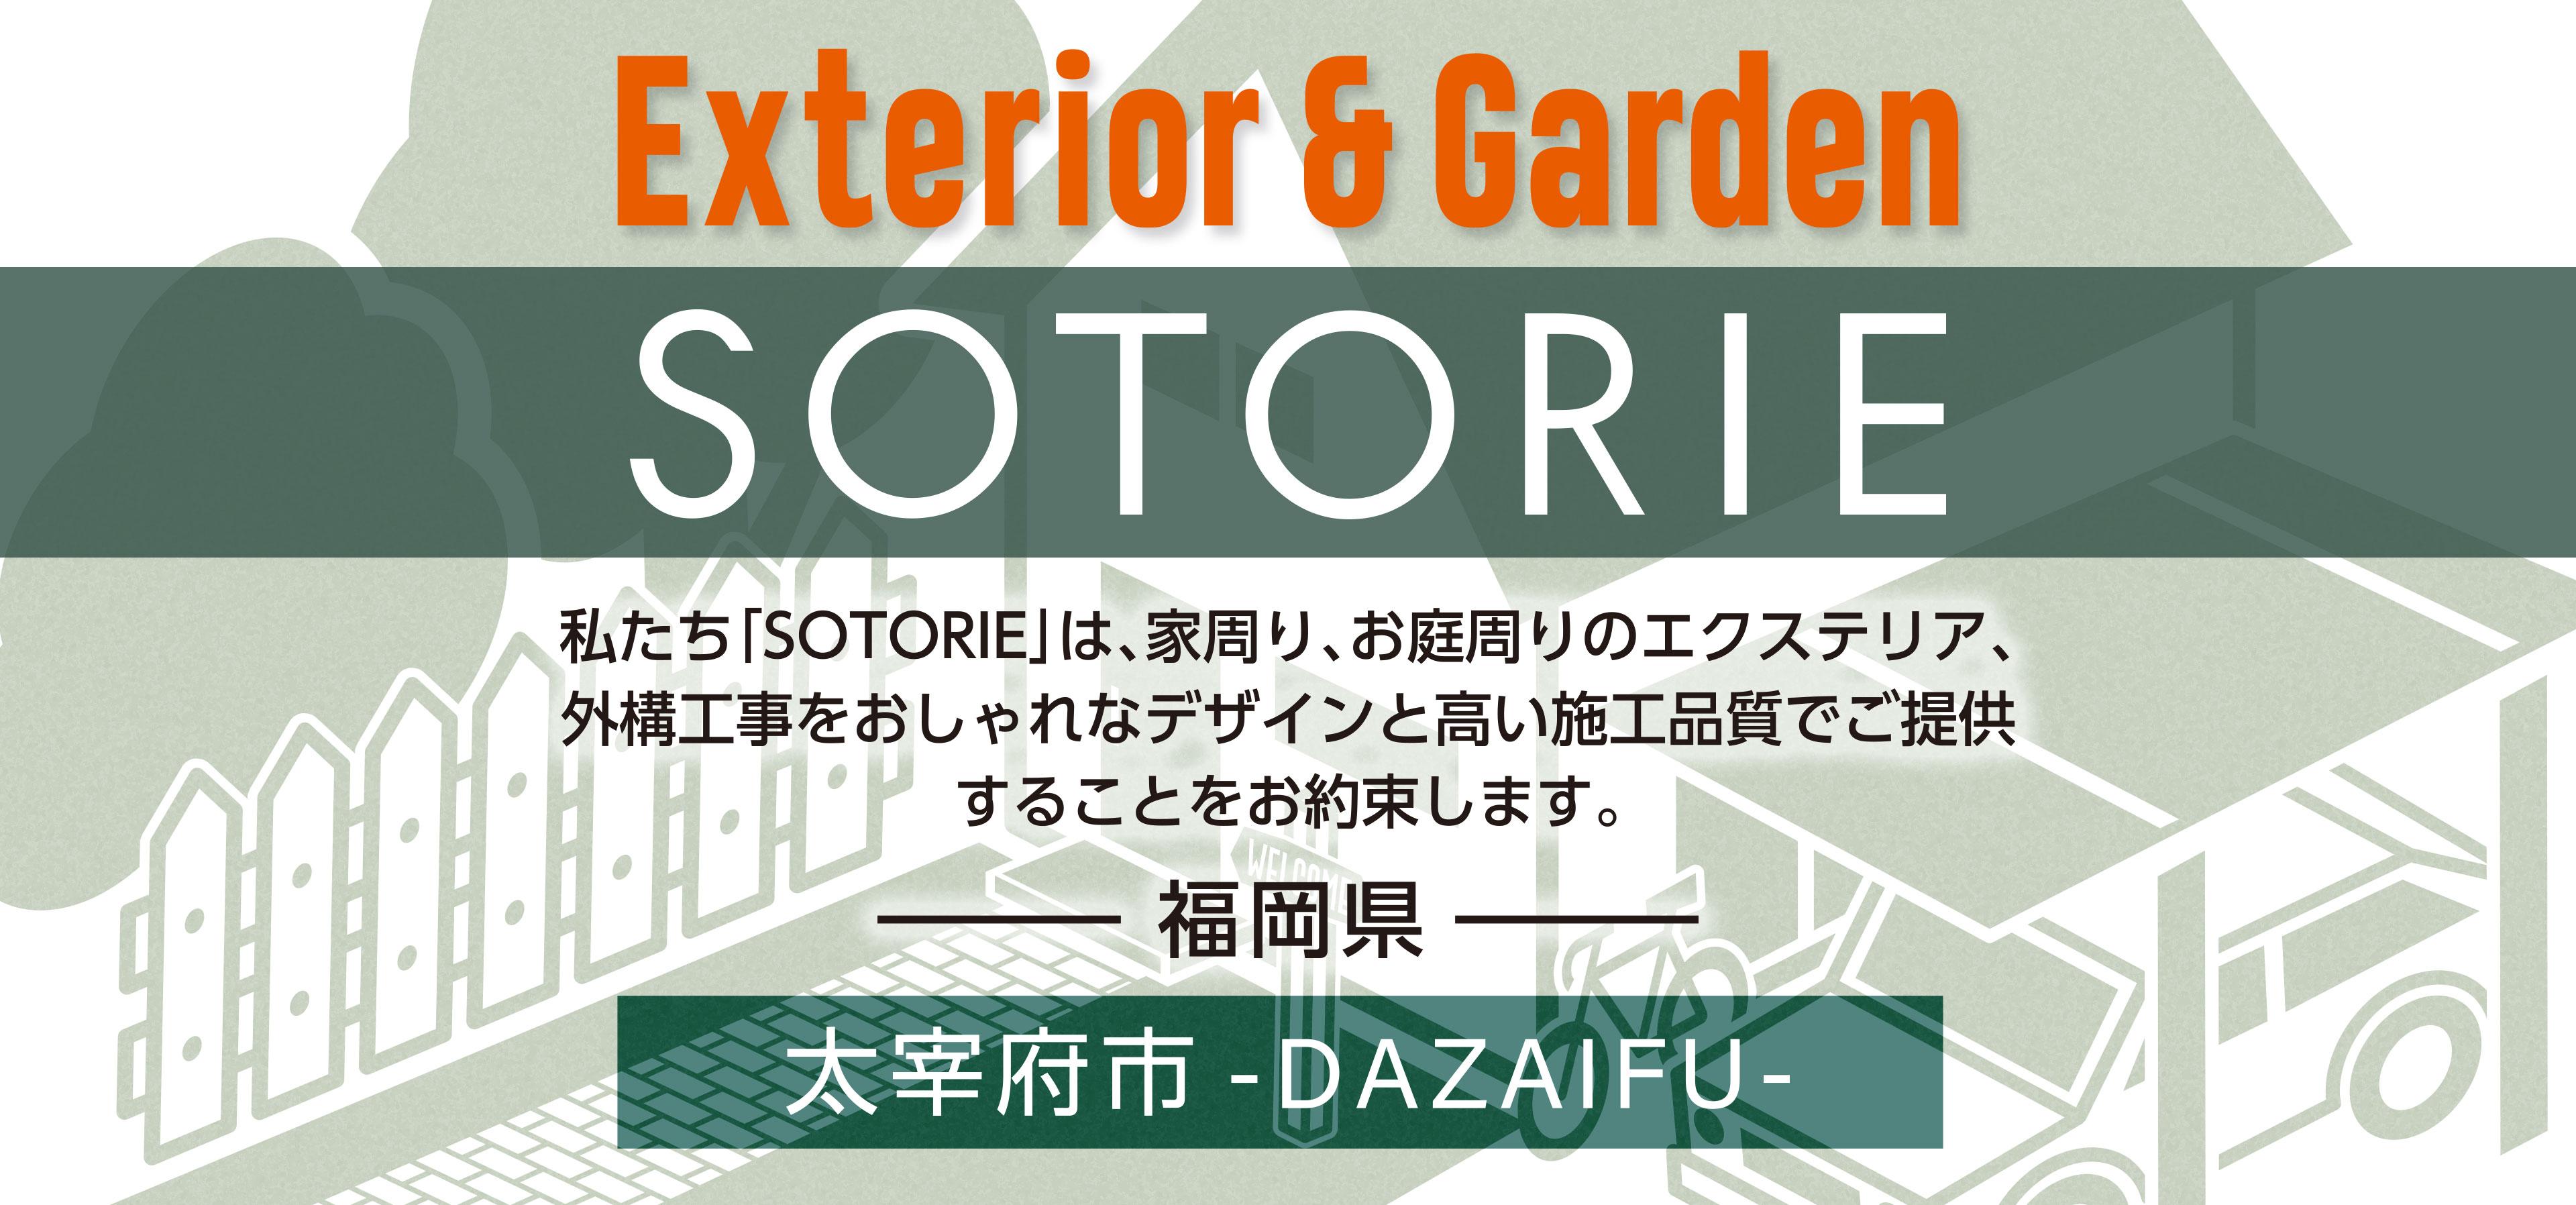 ソトリエ太宰府市では、家周りと庭周りの外構、エクステリア工事をおしゃれなデザインと高い施工品質でご提供することをお約束します。